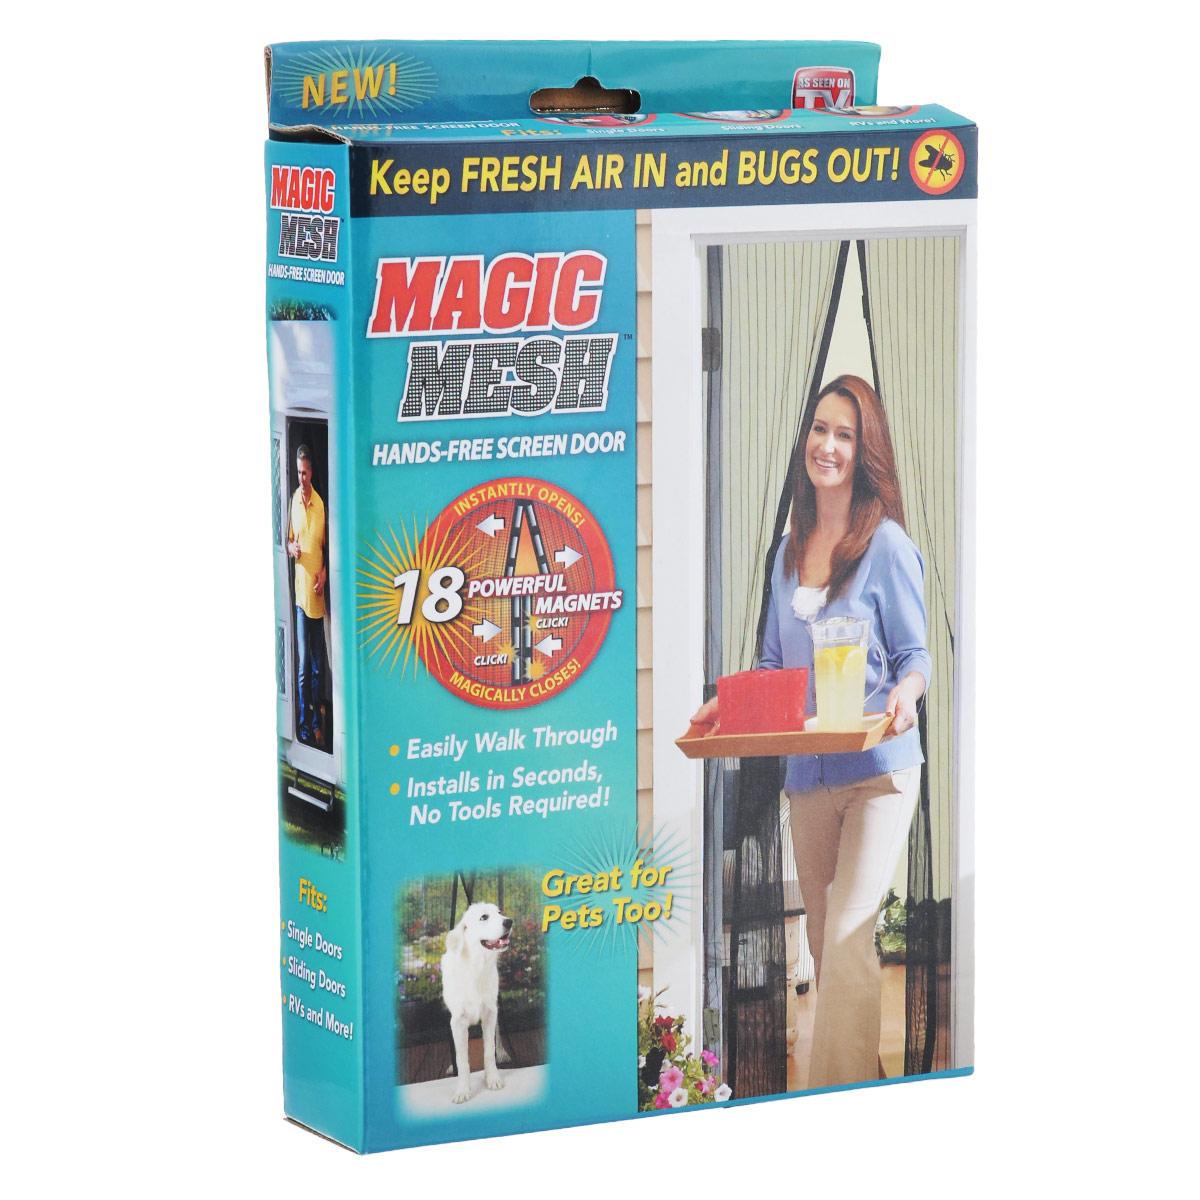 Сетка от насекомых Bradex Маскитофф, для дверей, цвет: черныйTD 0264Сетка для дверей насекомых Bradex Маскитофф выполнена из прочного полиэстера.Такая сетка встанет нерушимой преградой между вашим домом и насекомыми. Чтобы избавиться от комаров и мух, которые отравляют сон, не обязательно закрывать все двери и окна и задыхаться в доме от жары. С магнитной сеткой вы легко пройдете сквозь нее, даже если заняты руки. Благодаря 18 магнитам, вшитым в сетку, она магически захлопнется за вами.Bradex Маскитофф просто незаменим для владельцев животных. Вместо того, чтобы жалобно скрестить в дверь, ваш питомец сможет входить и выходить из помещения, когда пожелает. Для установки вам не потребуются ни гвозди, ни шурупы: сетка на липучке прочно крепится к любой двери и не отходит весь сезон, как бы часто вы ею ни пользовались.Впустите свежий воздух в ваш дом, оставив назойливых насекомых на улице с магнитной сеткой для дверей Bradex Маскитофф!Размер сетки: 100 см х 210 см.